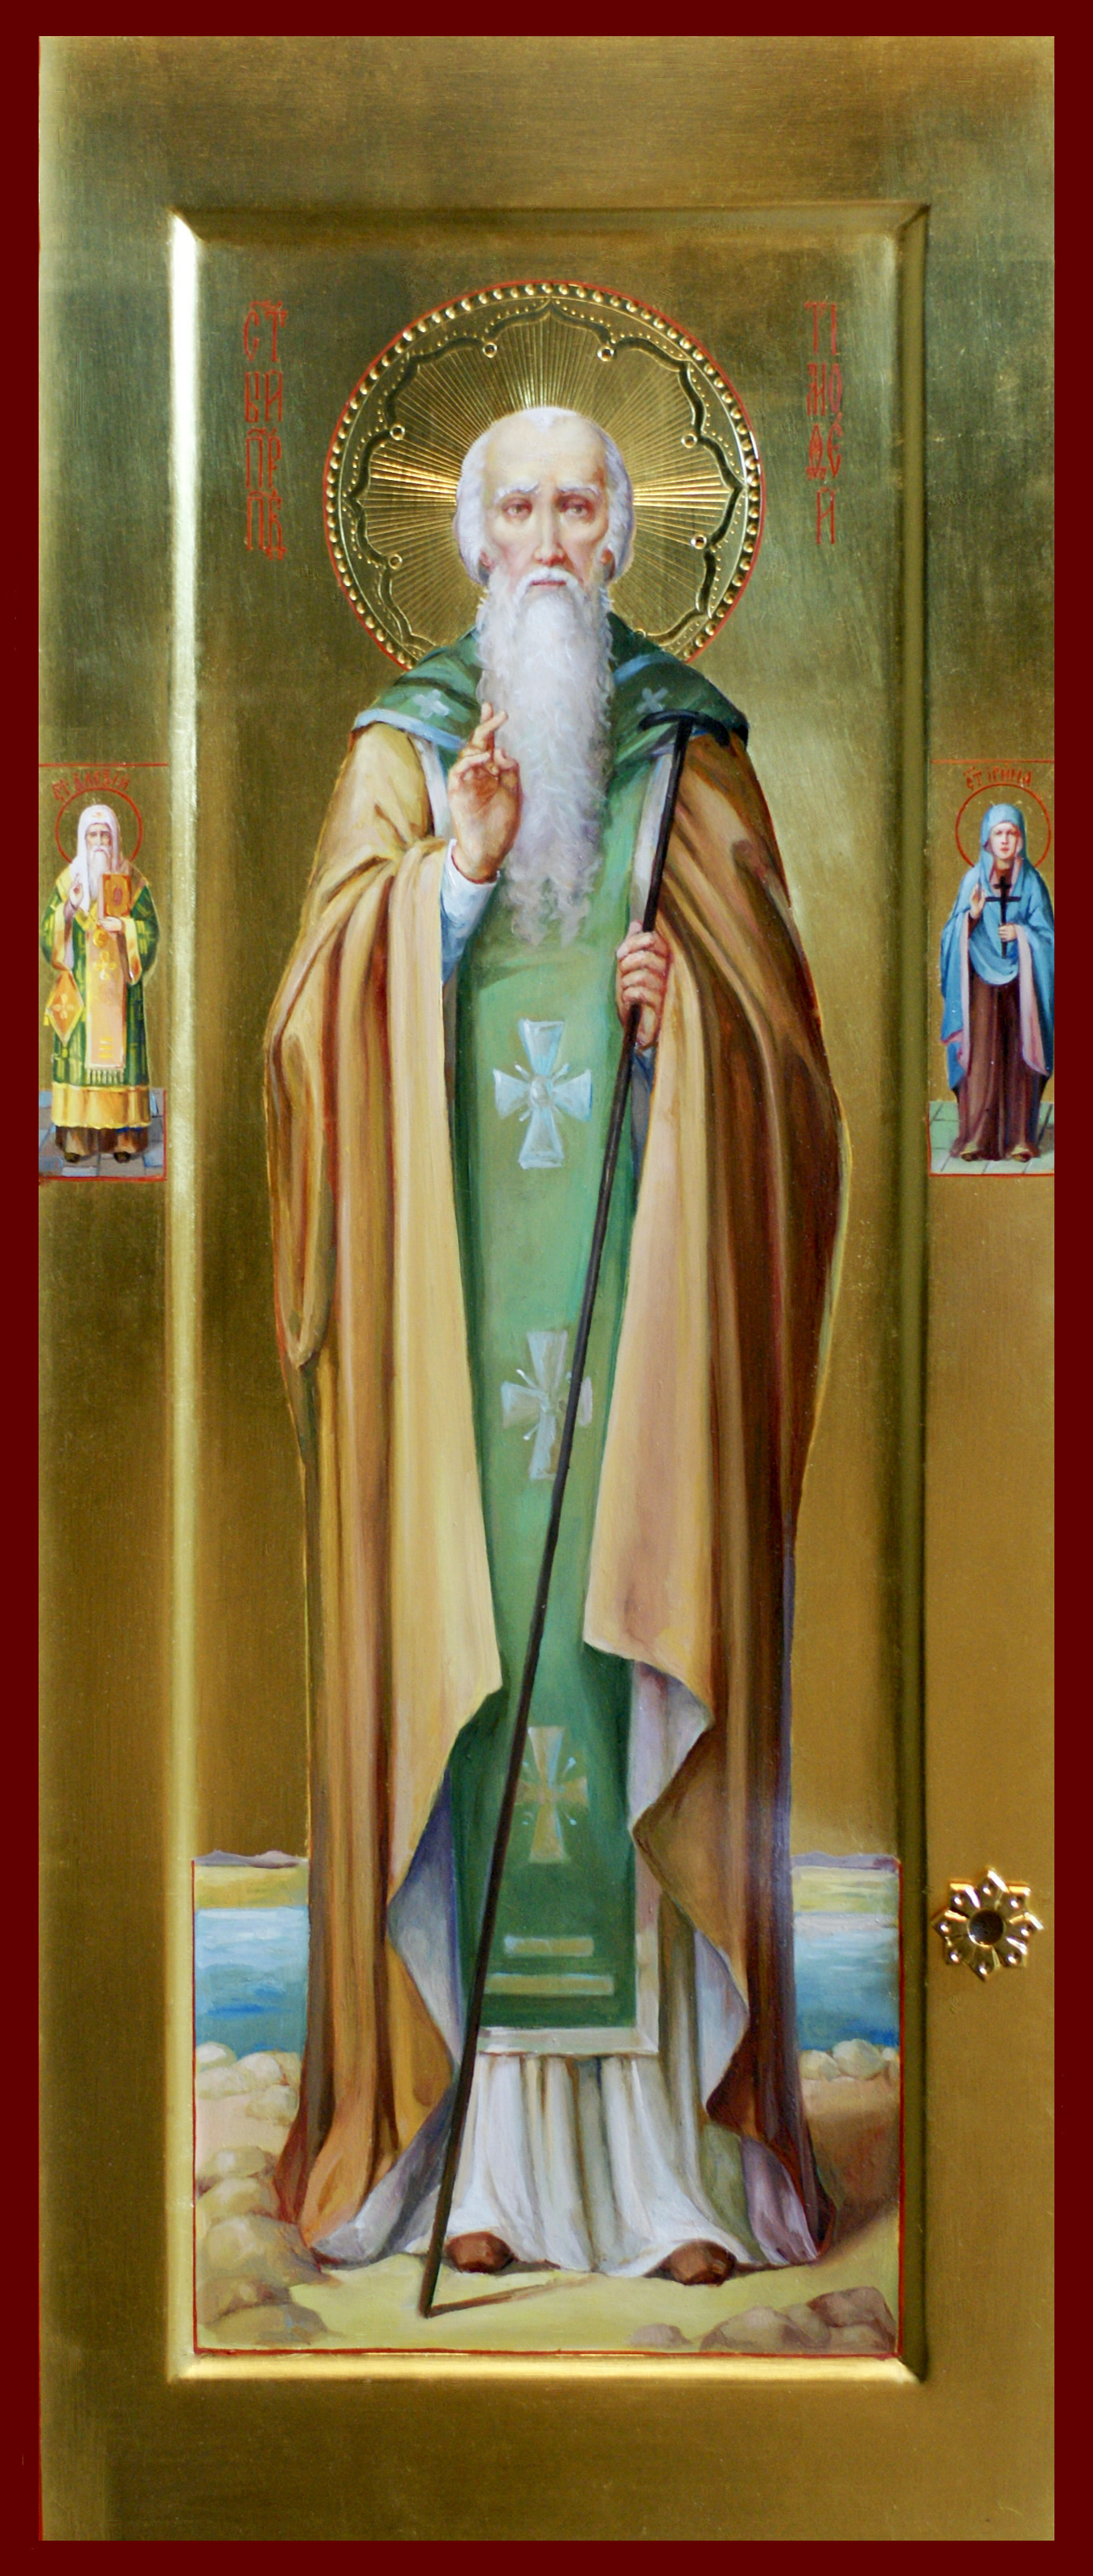 Какой сегодня праздник 6 марта 2019: церковный праздник Тимофей Весновей отмечается в России